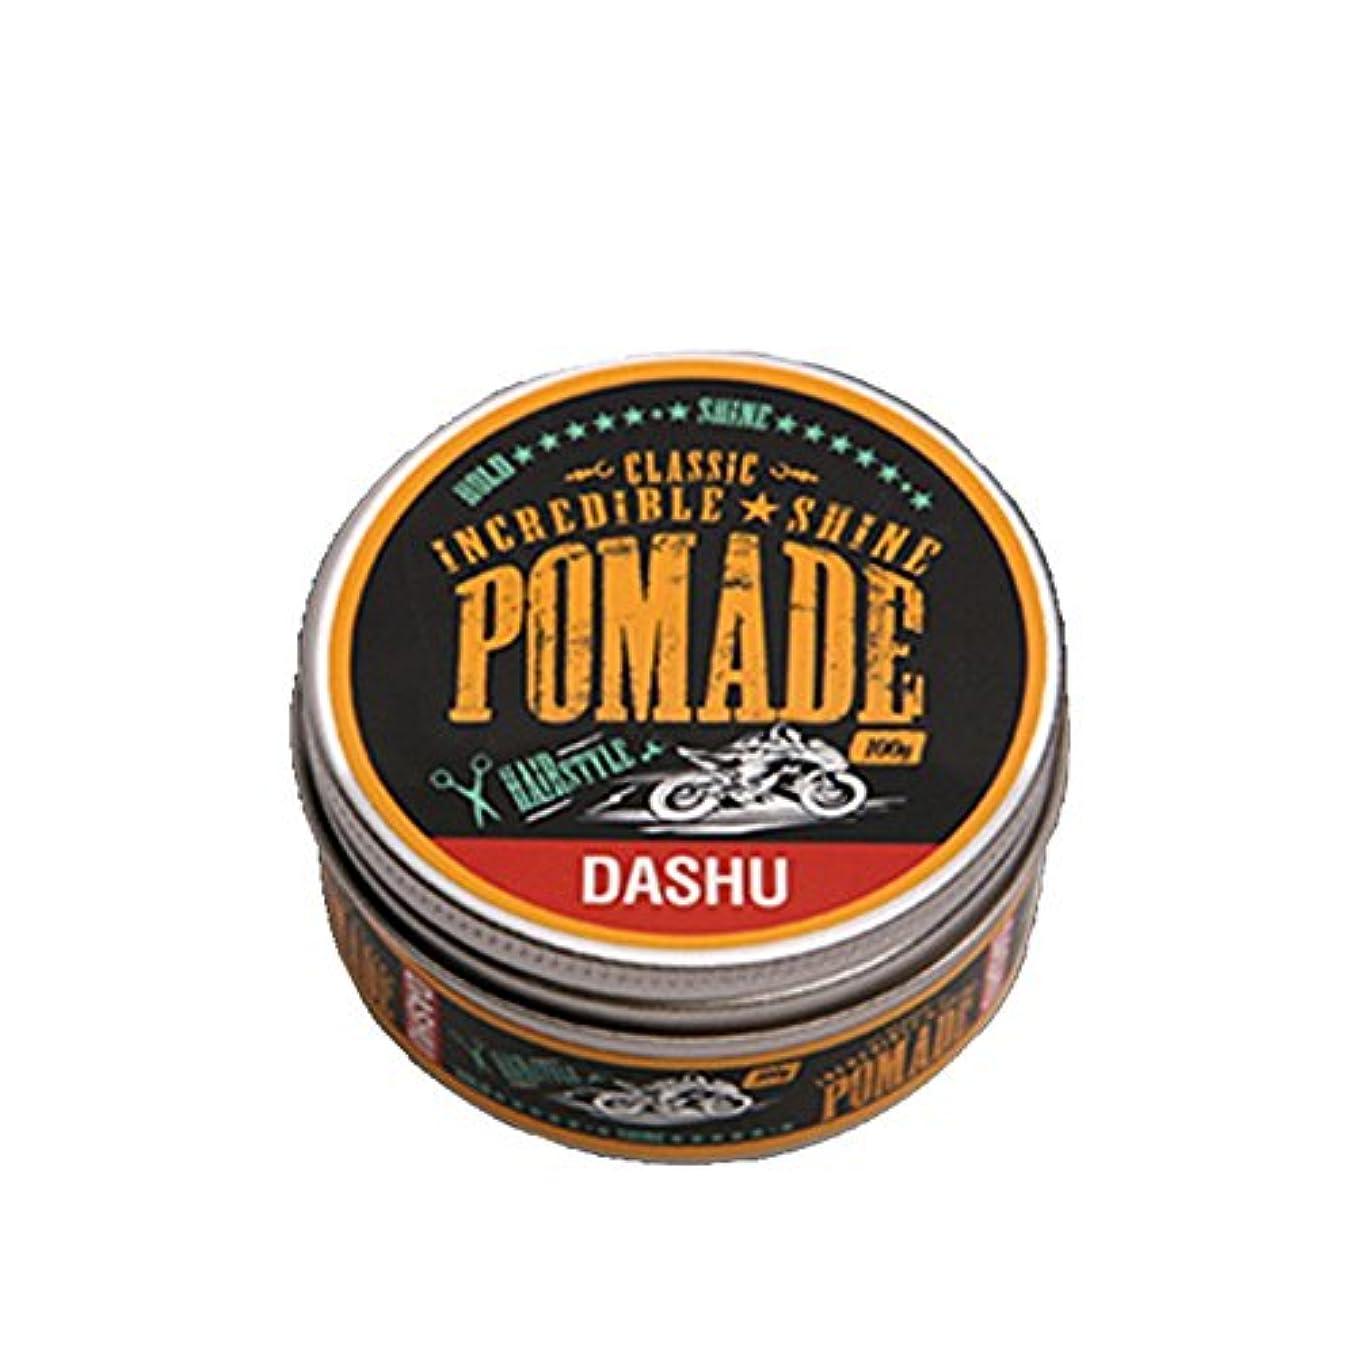 暖かさビートペスト[DASHU] ダシュ クラシック 信じられないほどの輝き ポマードワックス Classic Incredible Shine Pomade Hair Wax 100ml / 韓国製 . 韓国直送品